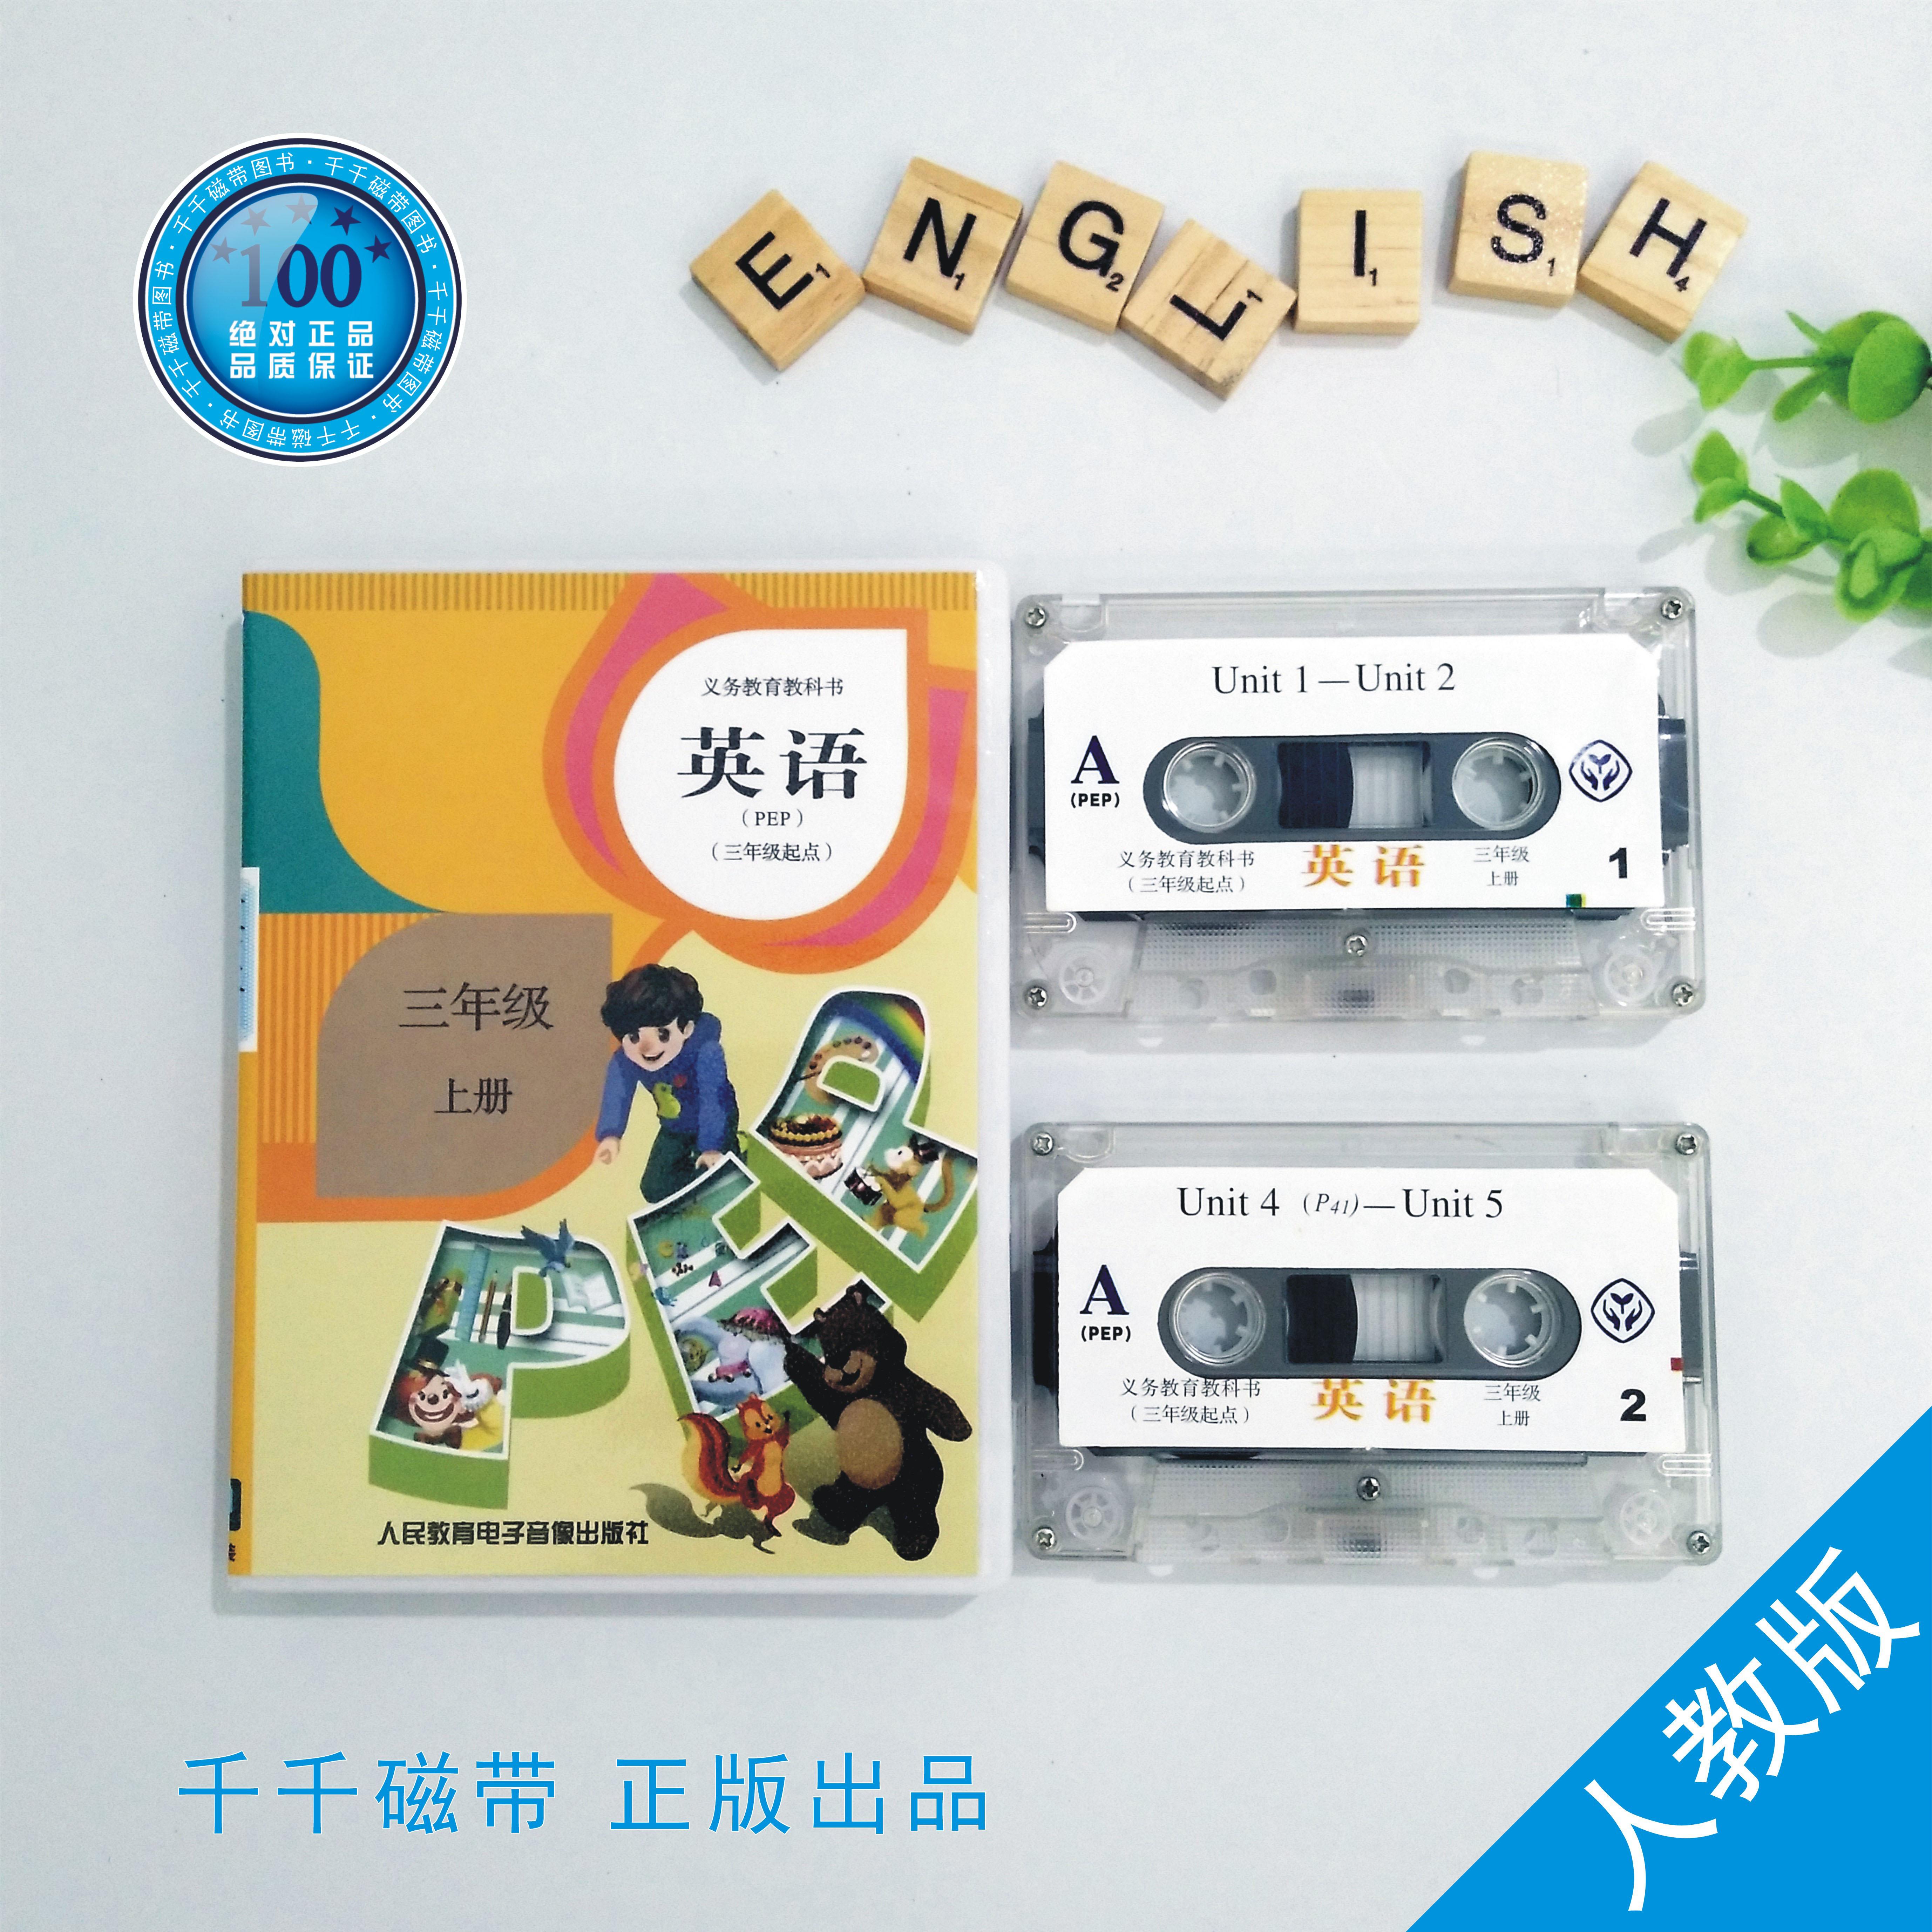 2017 год использование PEP человек учить версия небольшая школа английский 3 три года уровень на книга синхронный слушать сила яркий читать английский магнитная лента